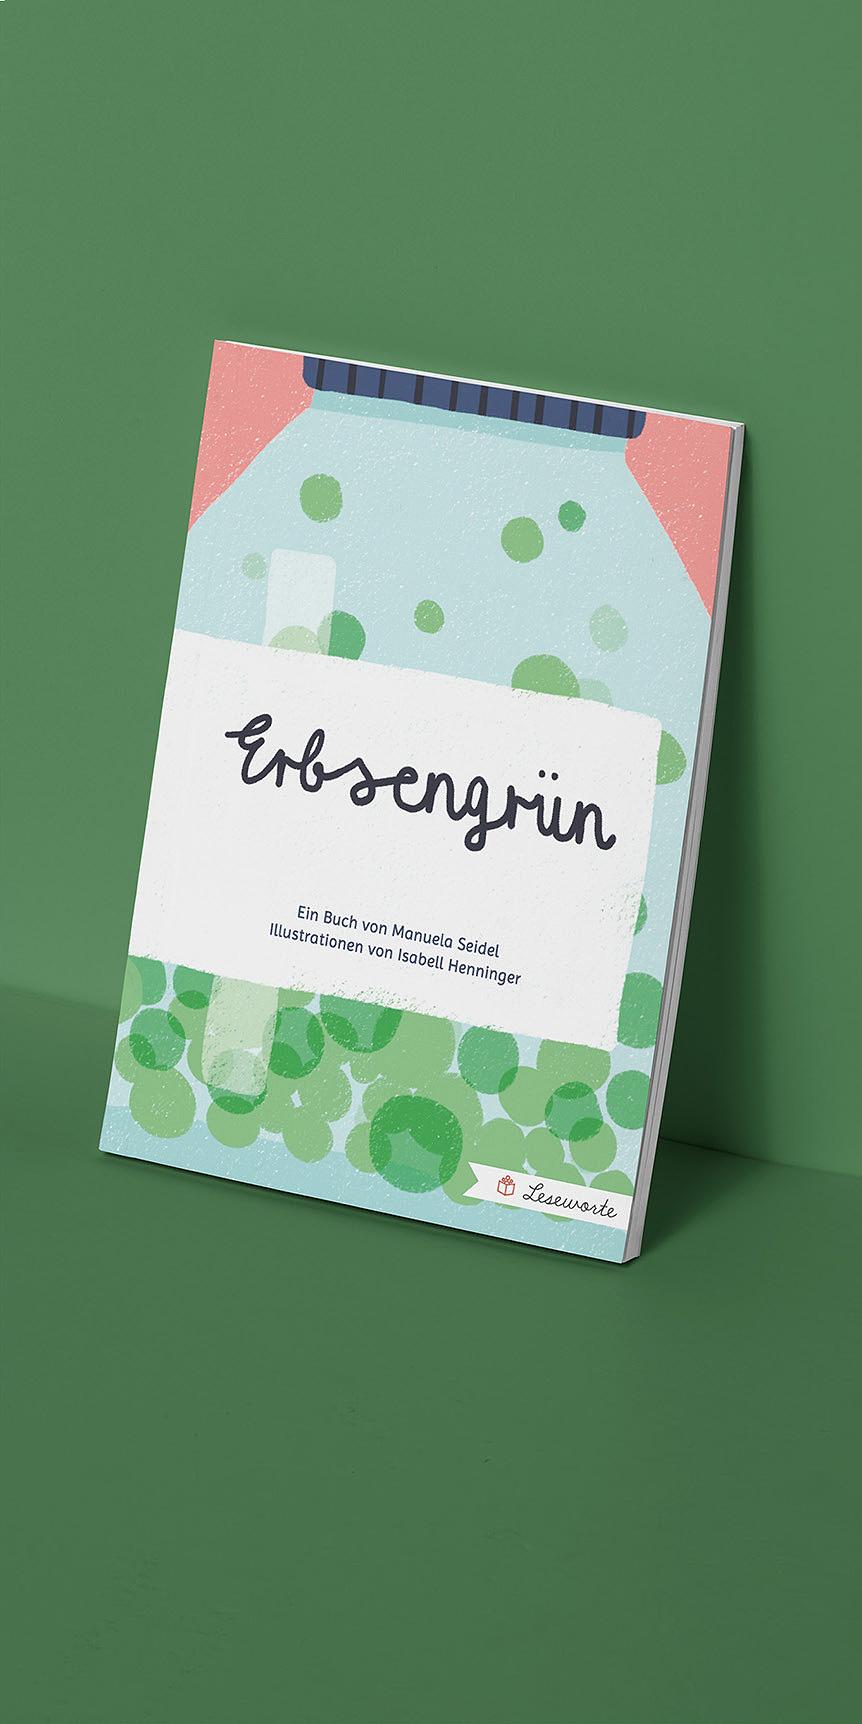 1DMBO-Studio-für-Gestaltung-Pforzheim-agora42-Erbsengrün-Illustration-Kinder-Buch-Illustratives